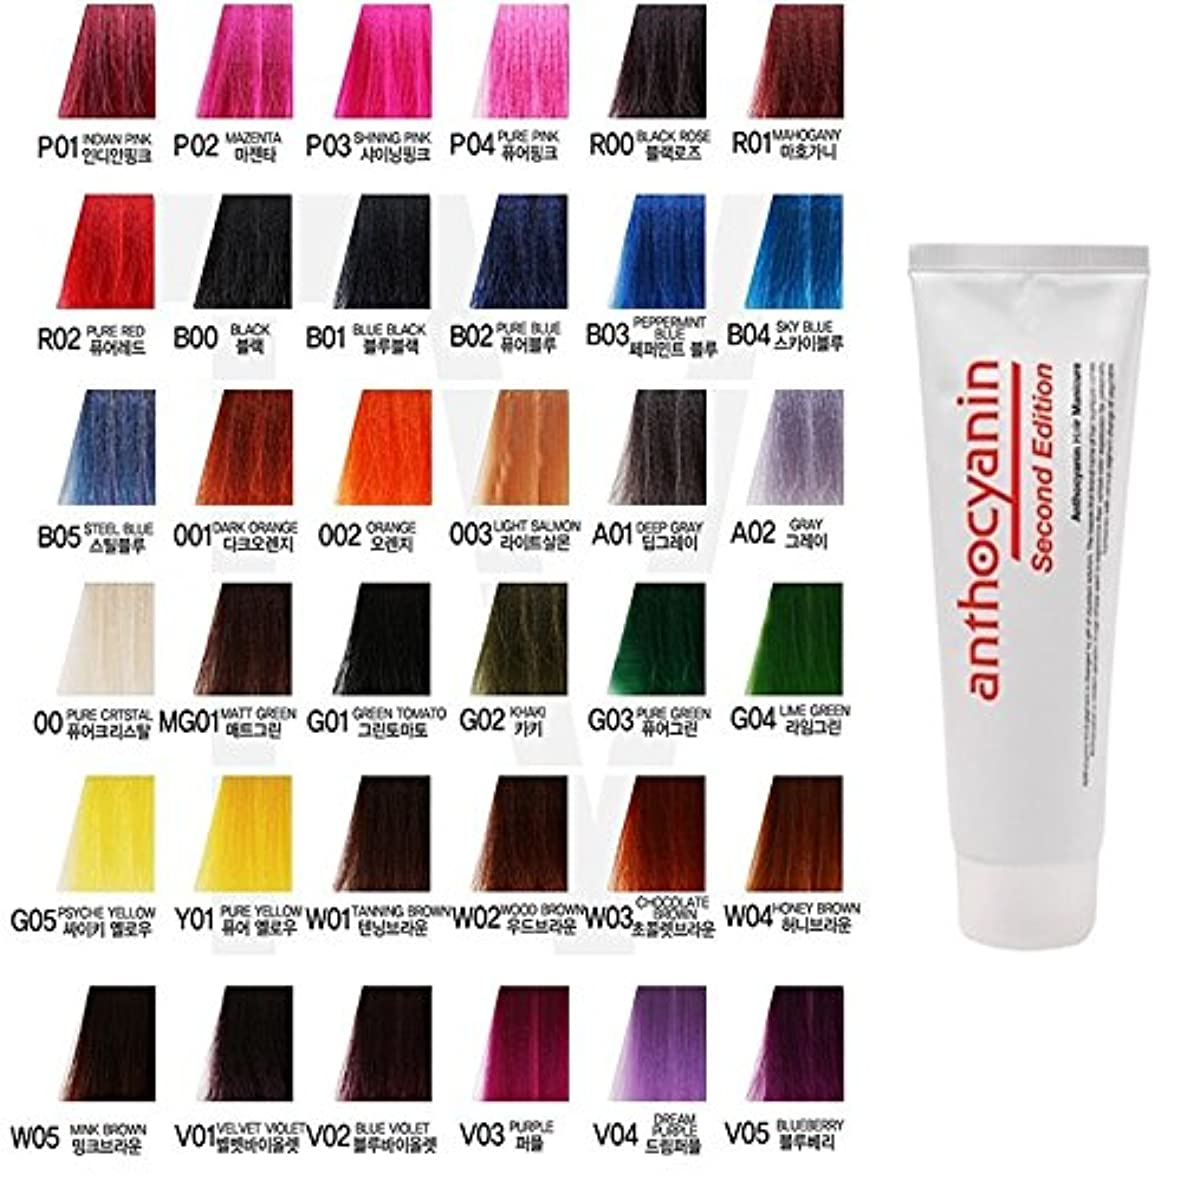 記念ふける区別ヘア マニキュア カラー セカンド エディション 230g セミ パーマネント 染毛剤 ( Hair Manicure Color Second Edition 230g Semi Permanent Hair Dye) [並行輸入品] (004 Pure Crystal)